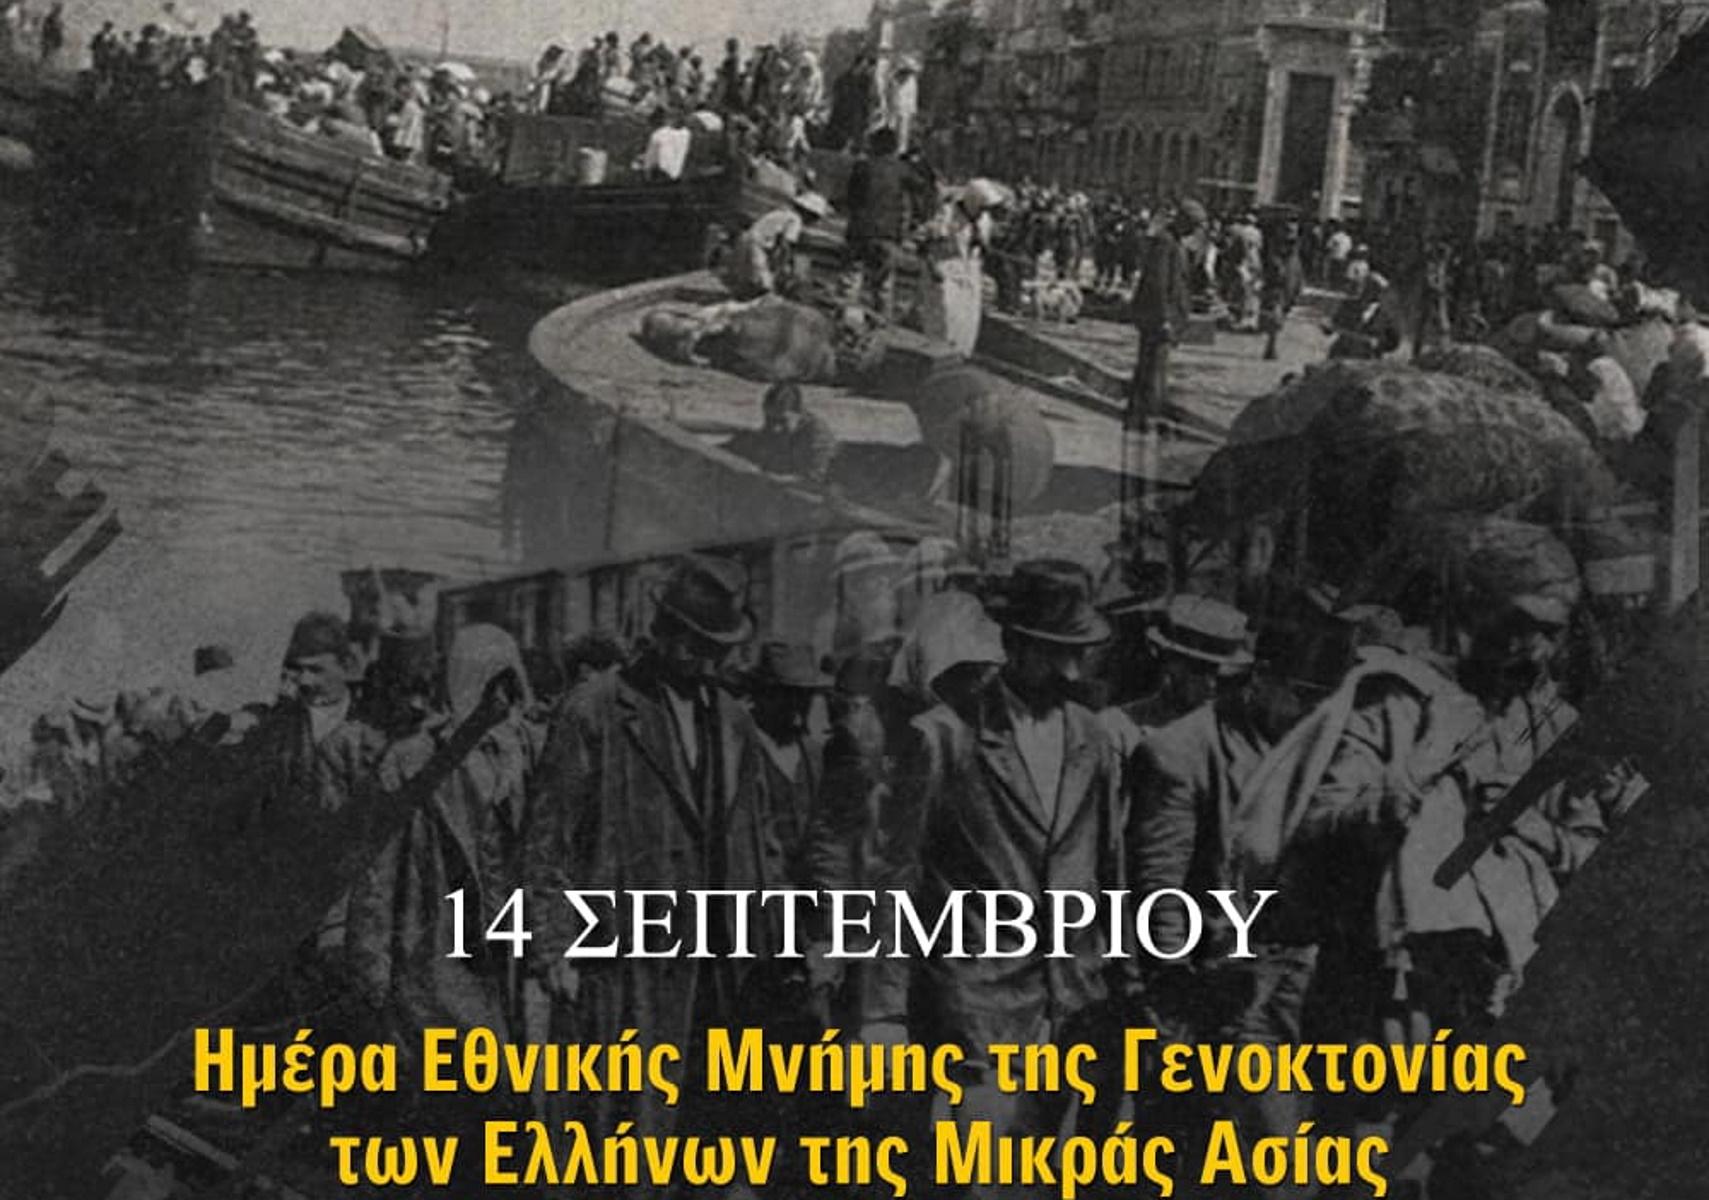 ΑΕΚ: «Μία από τις πιο ματωμένες σελίδες της ελληνικής ιστορίας»